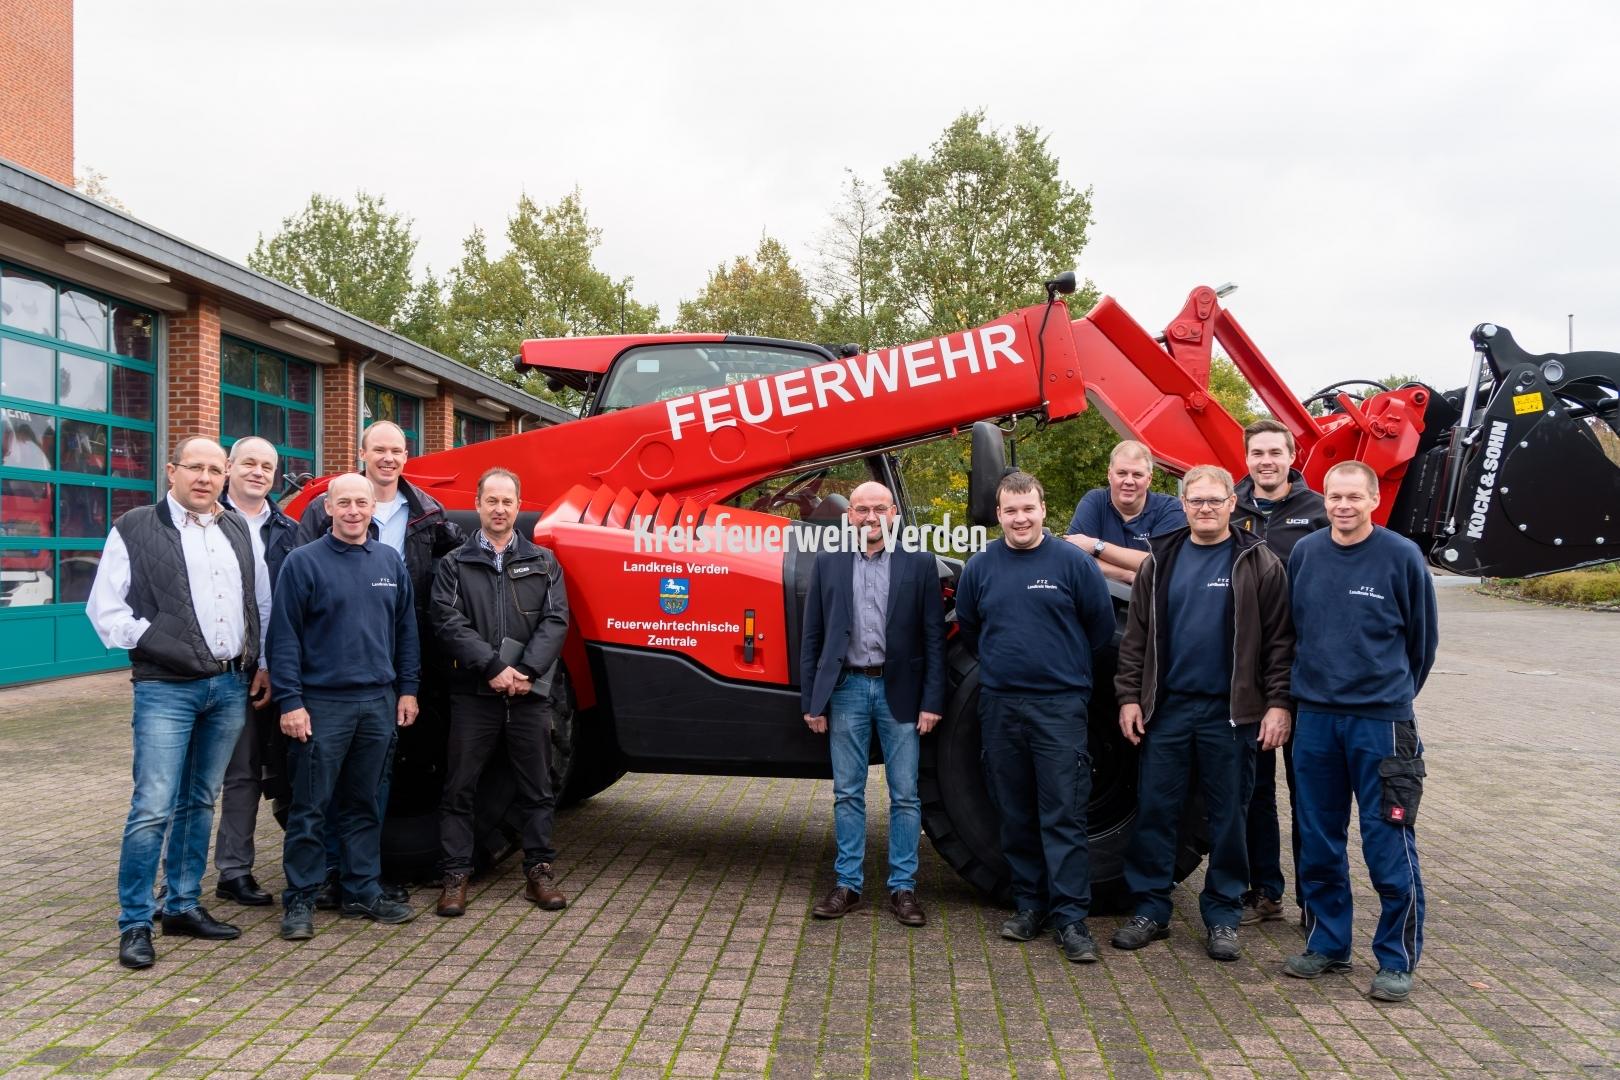 Großer Schritt für Brandschutz im Landkreis Verden